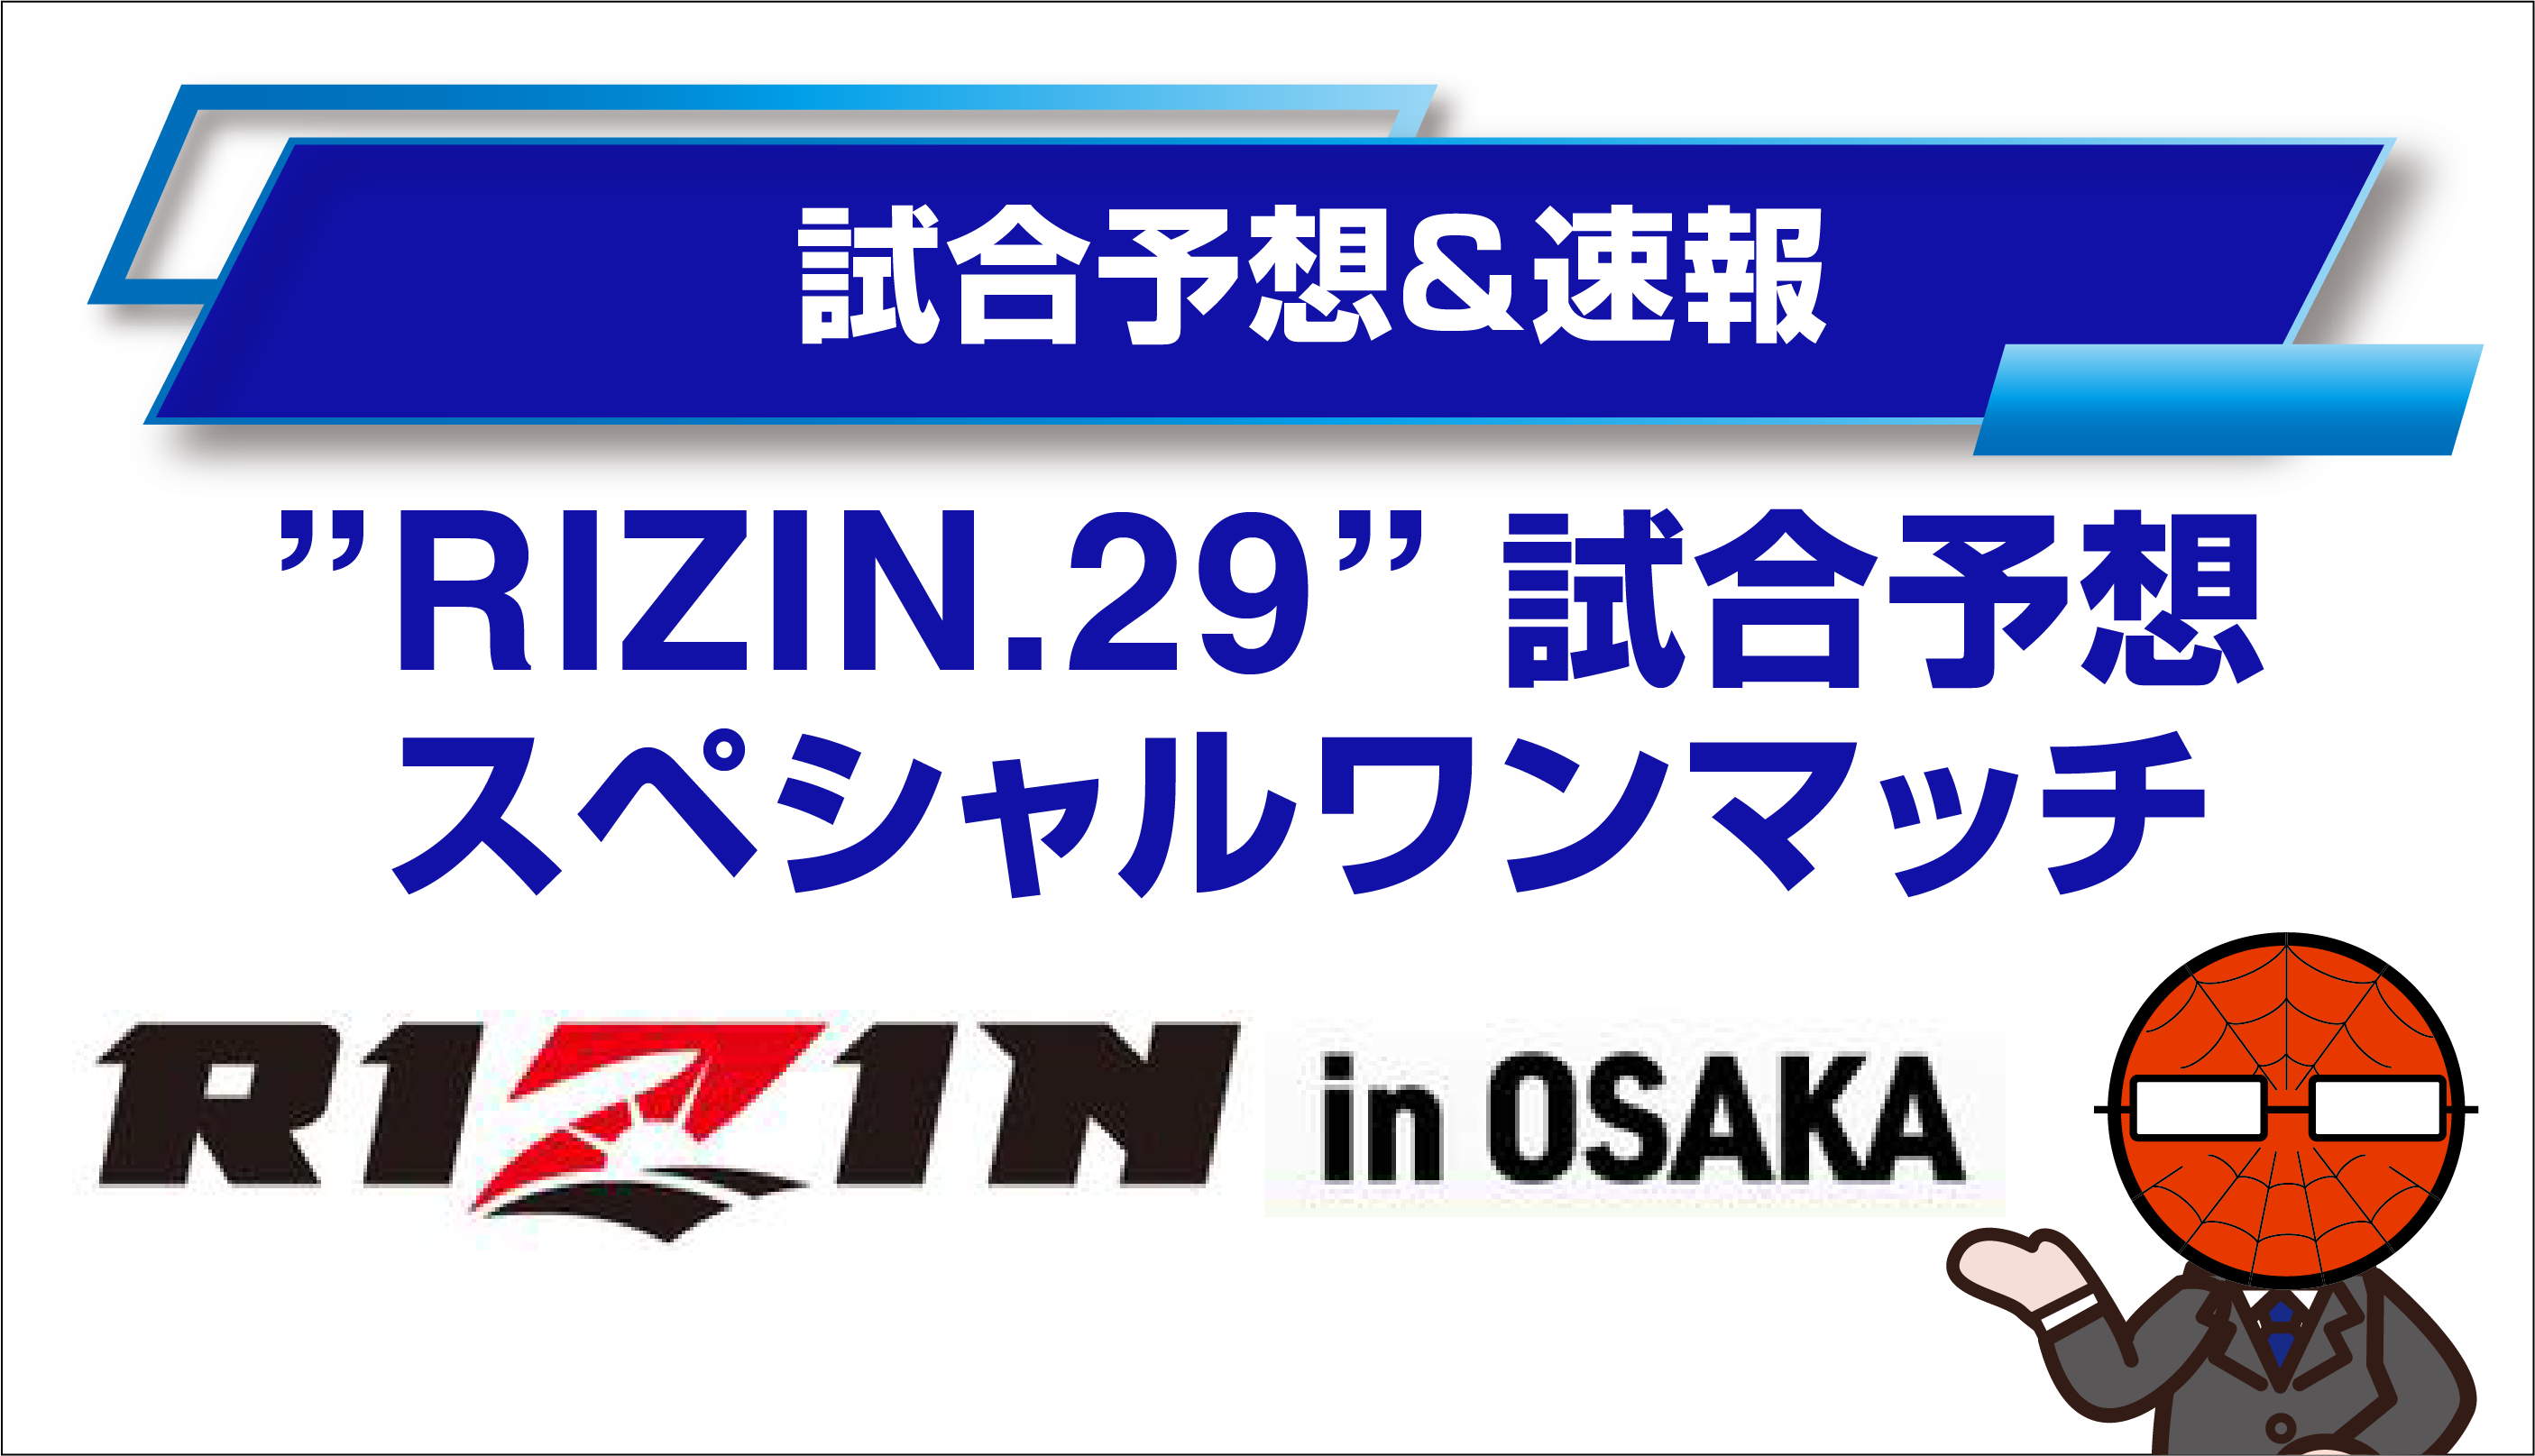 rizin_29_2